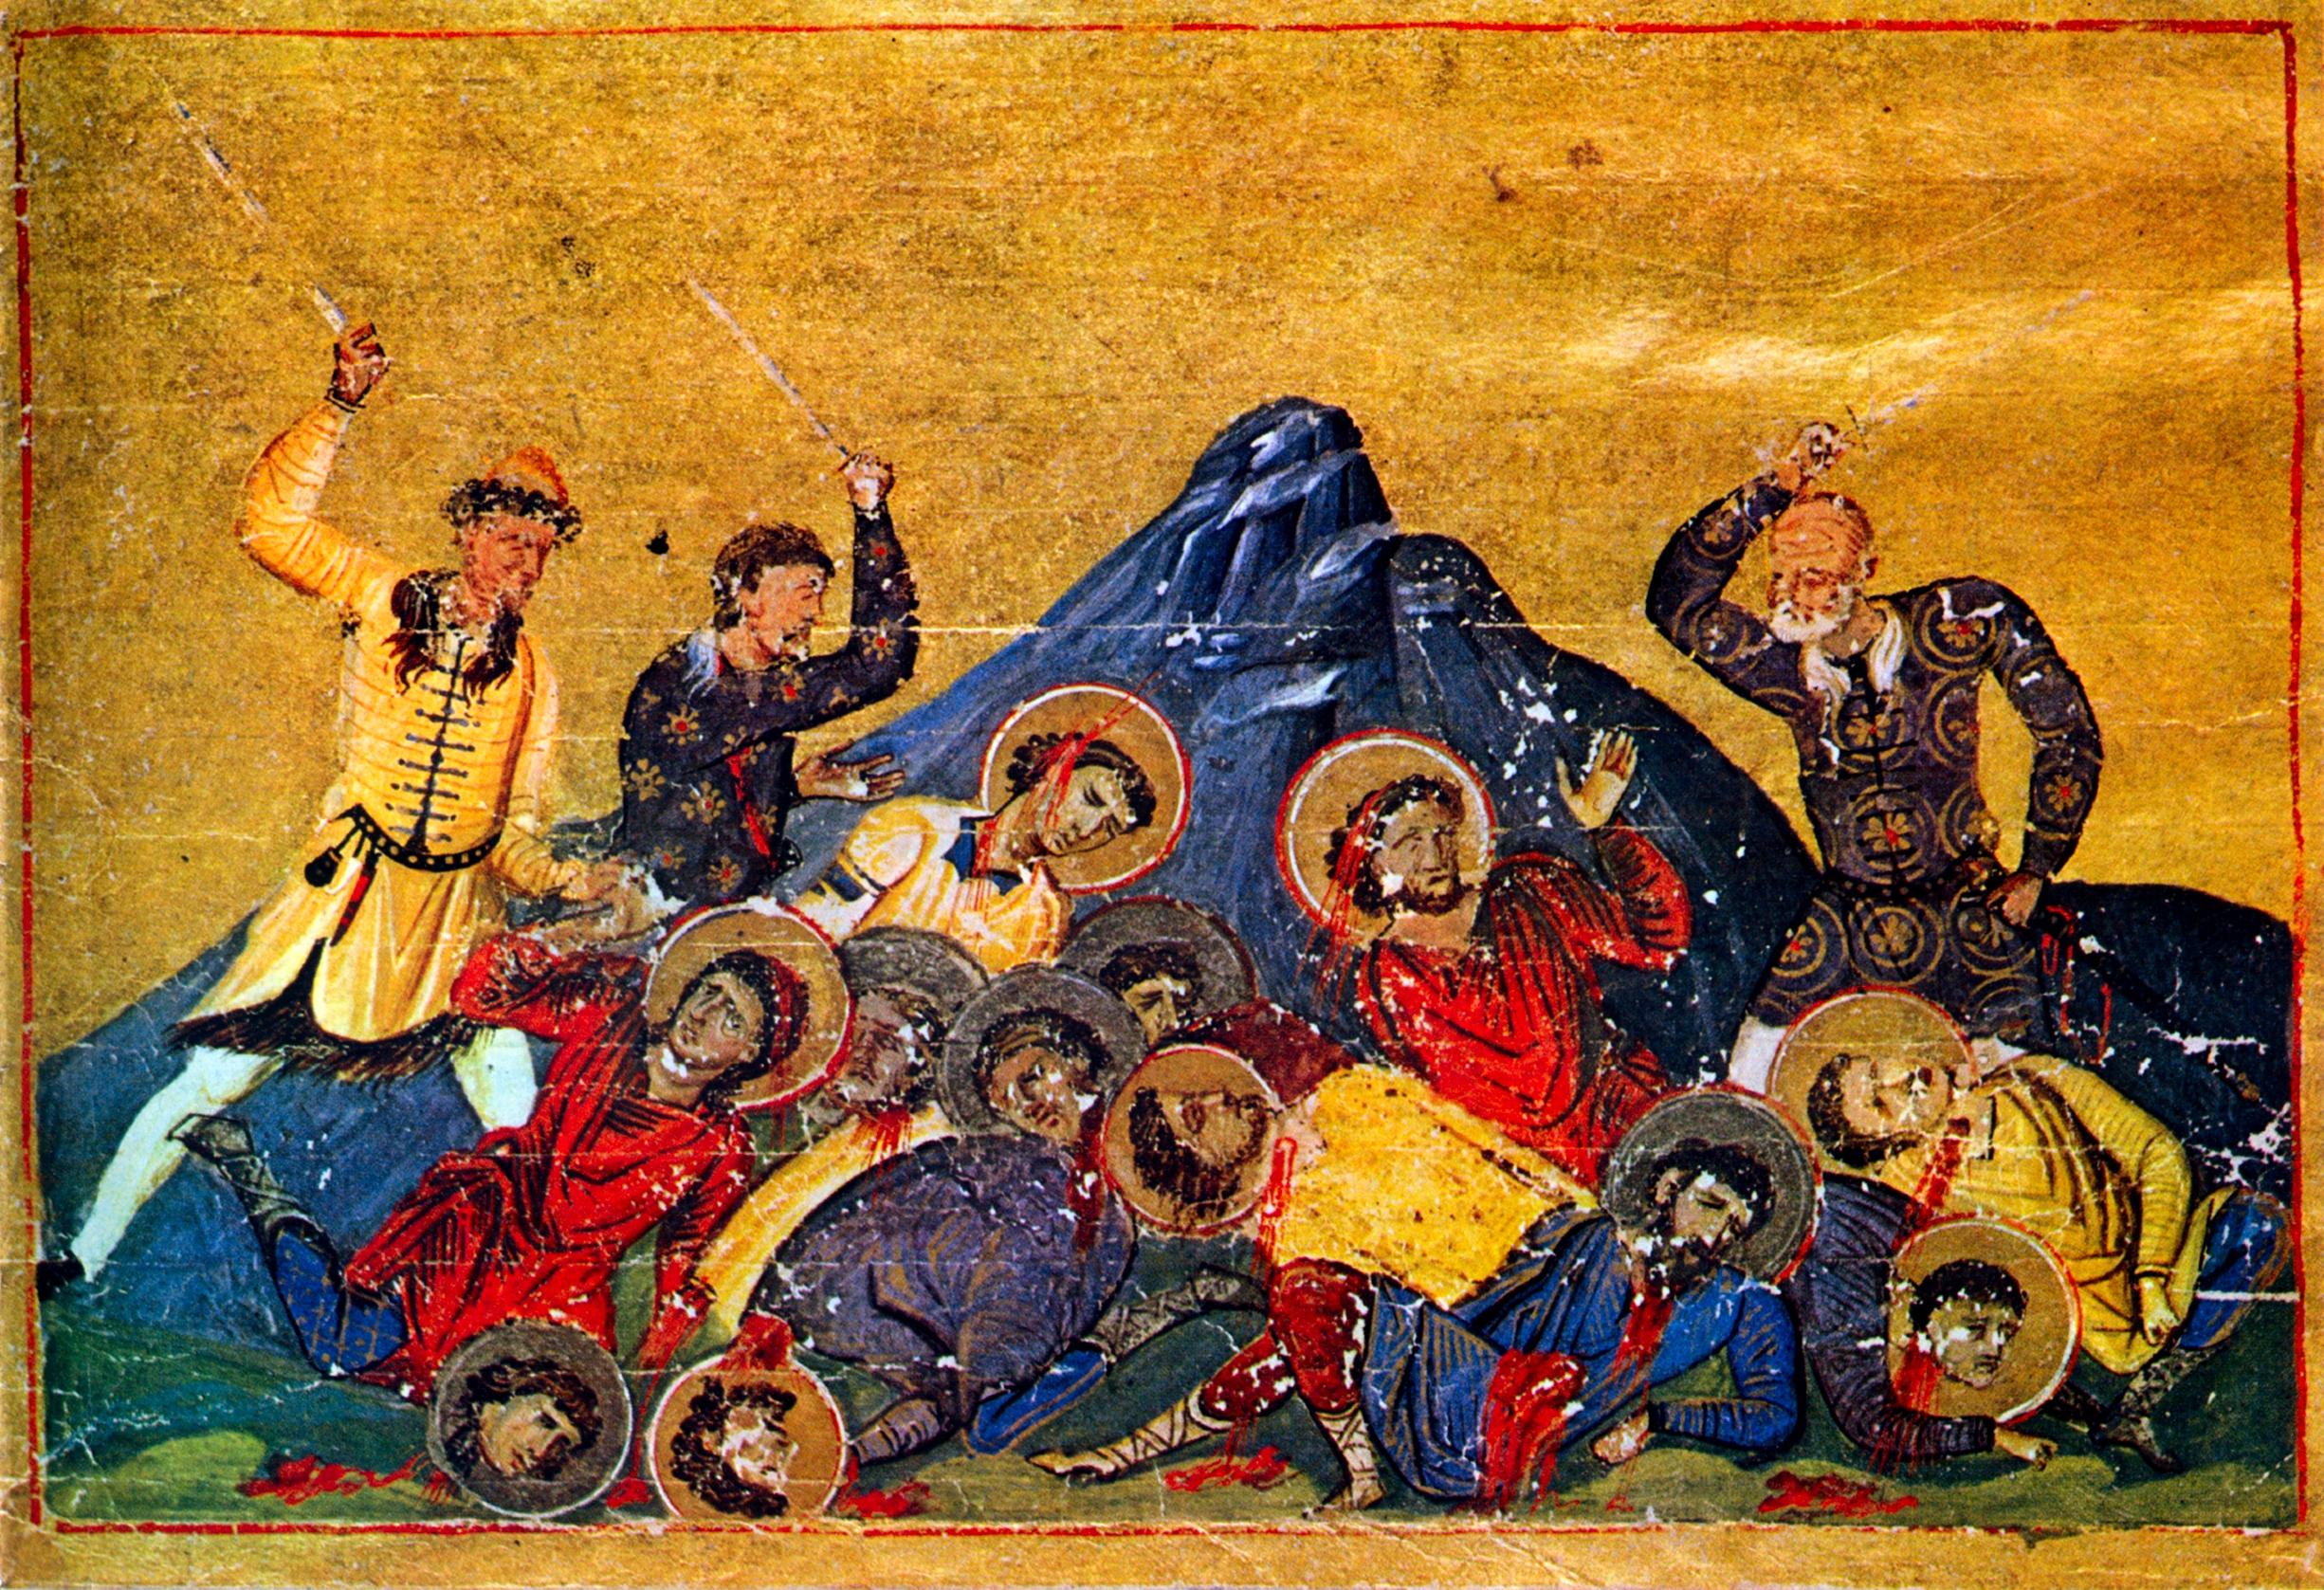 Bulgarske krigere slakter ned bysantinere, miniatyr fra Basilios IIs Menologium (985), Vatikanbiblioteket